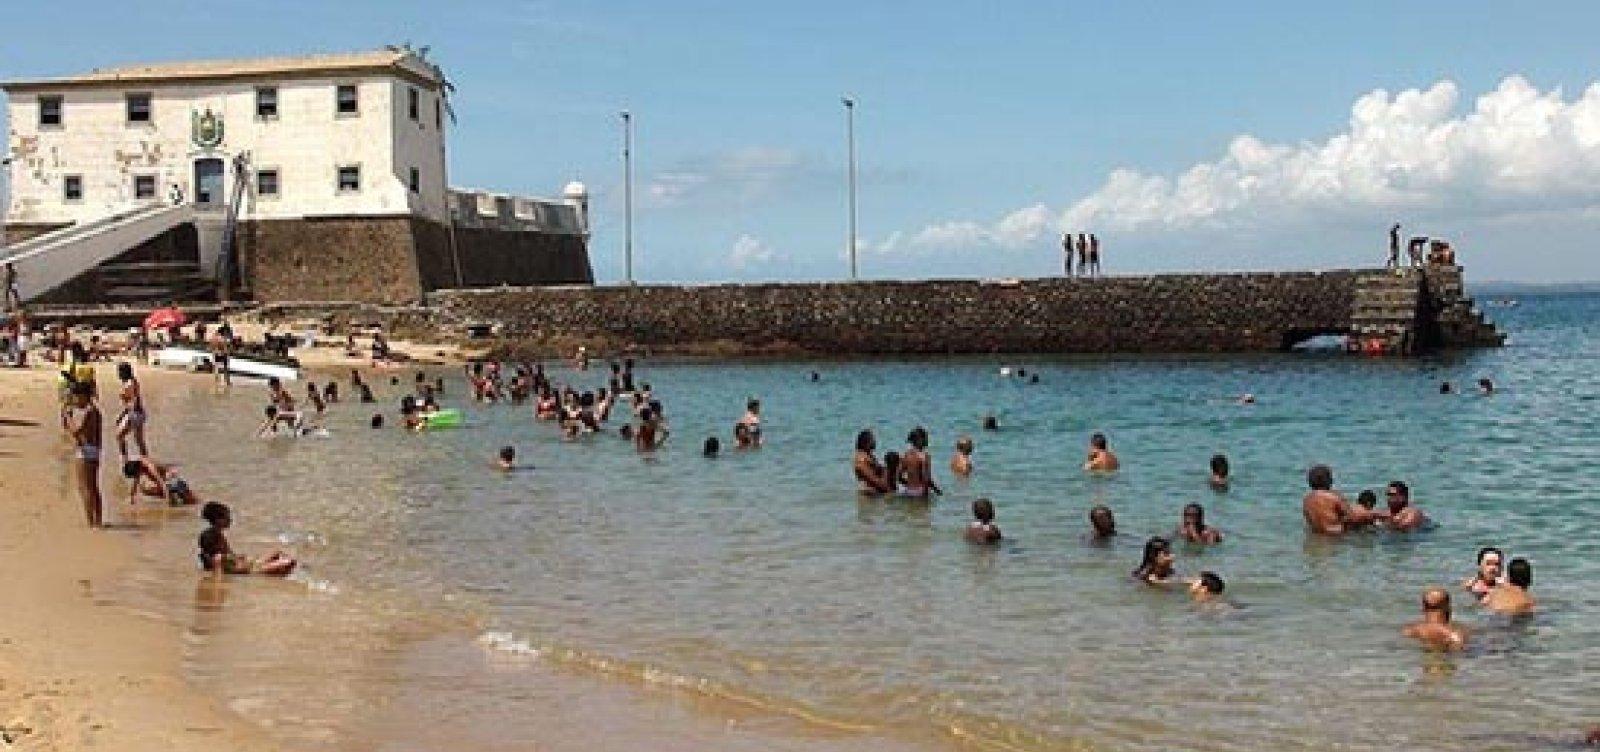 Briga entre facções deixa três pessoas feridas no Porto da Barra